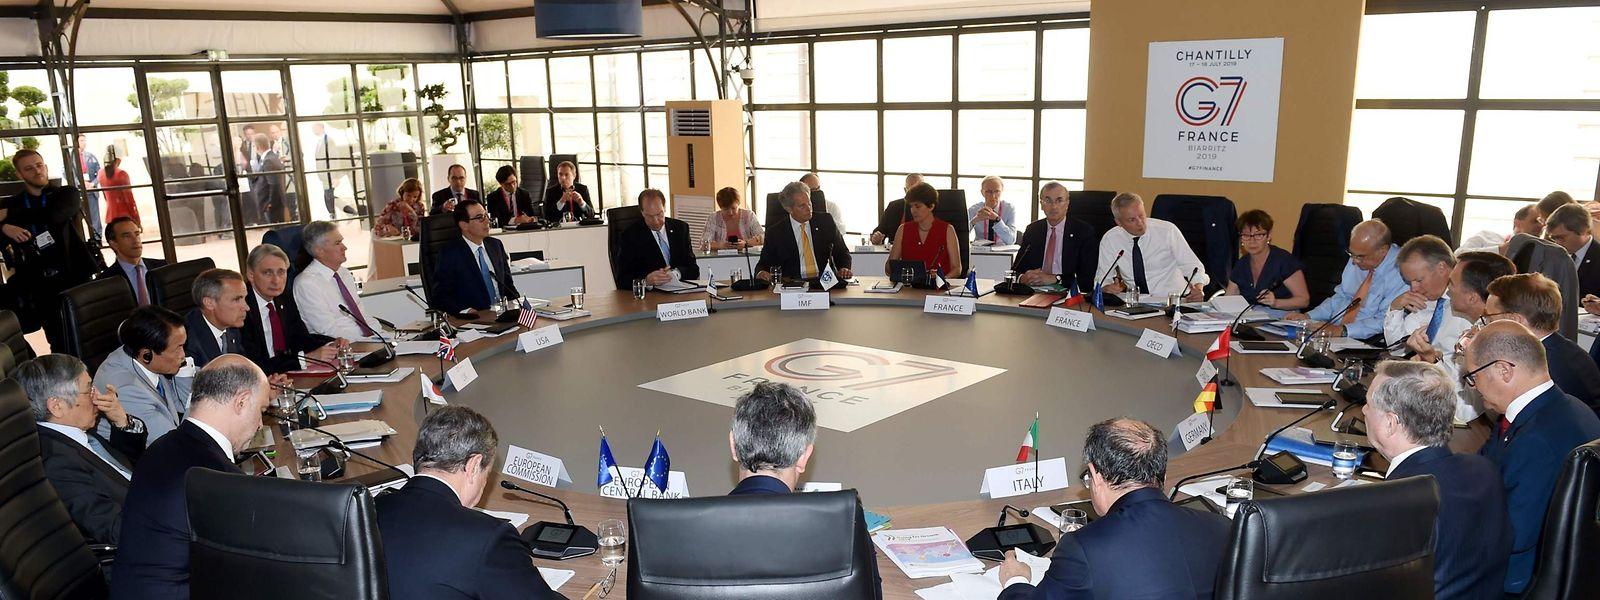 Au bout d'une nuit de négociations, les sept économies les plus avancées ont finalement trouvé un consensus, présenté par la présidence française comme «une avancée».